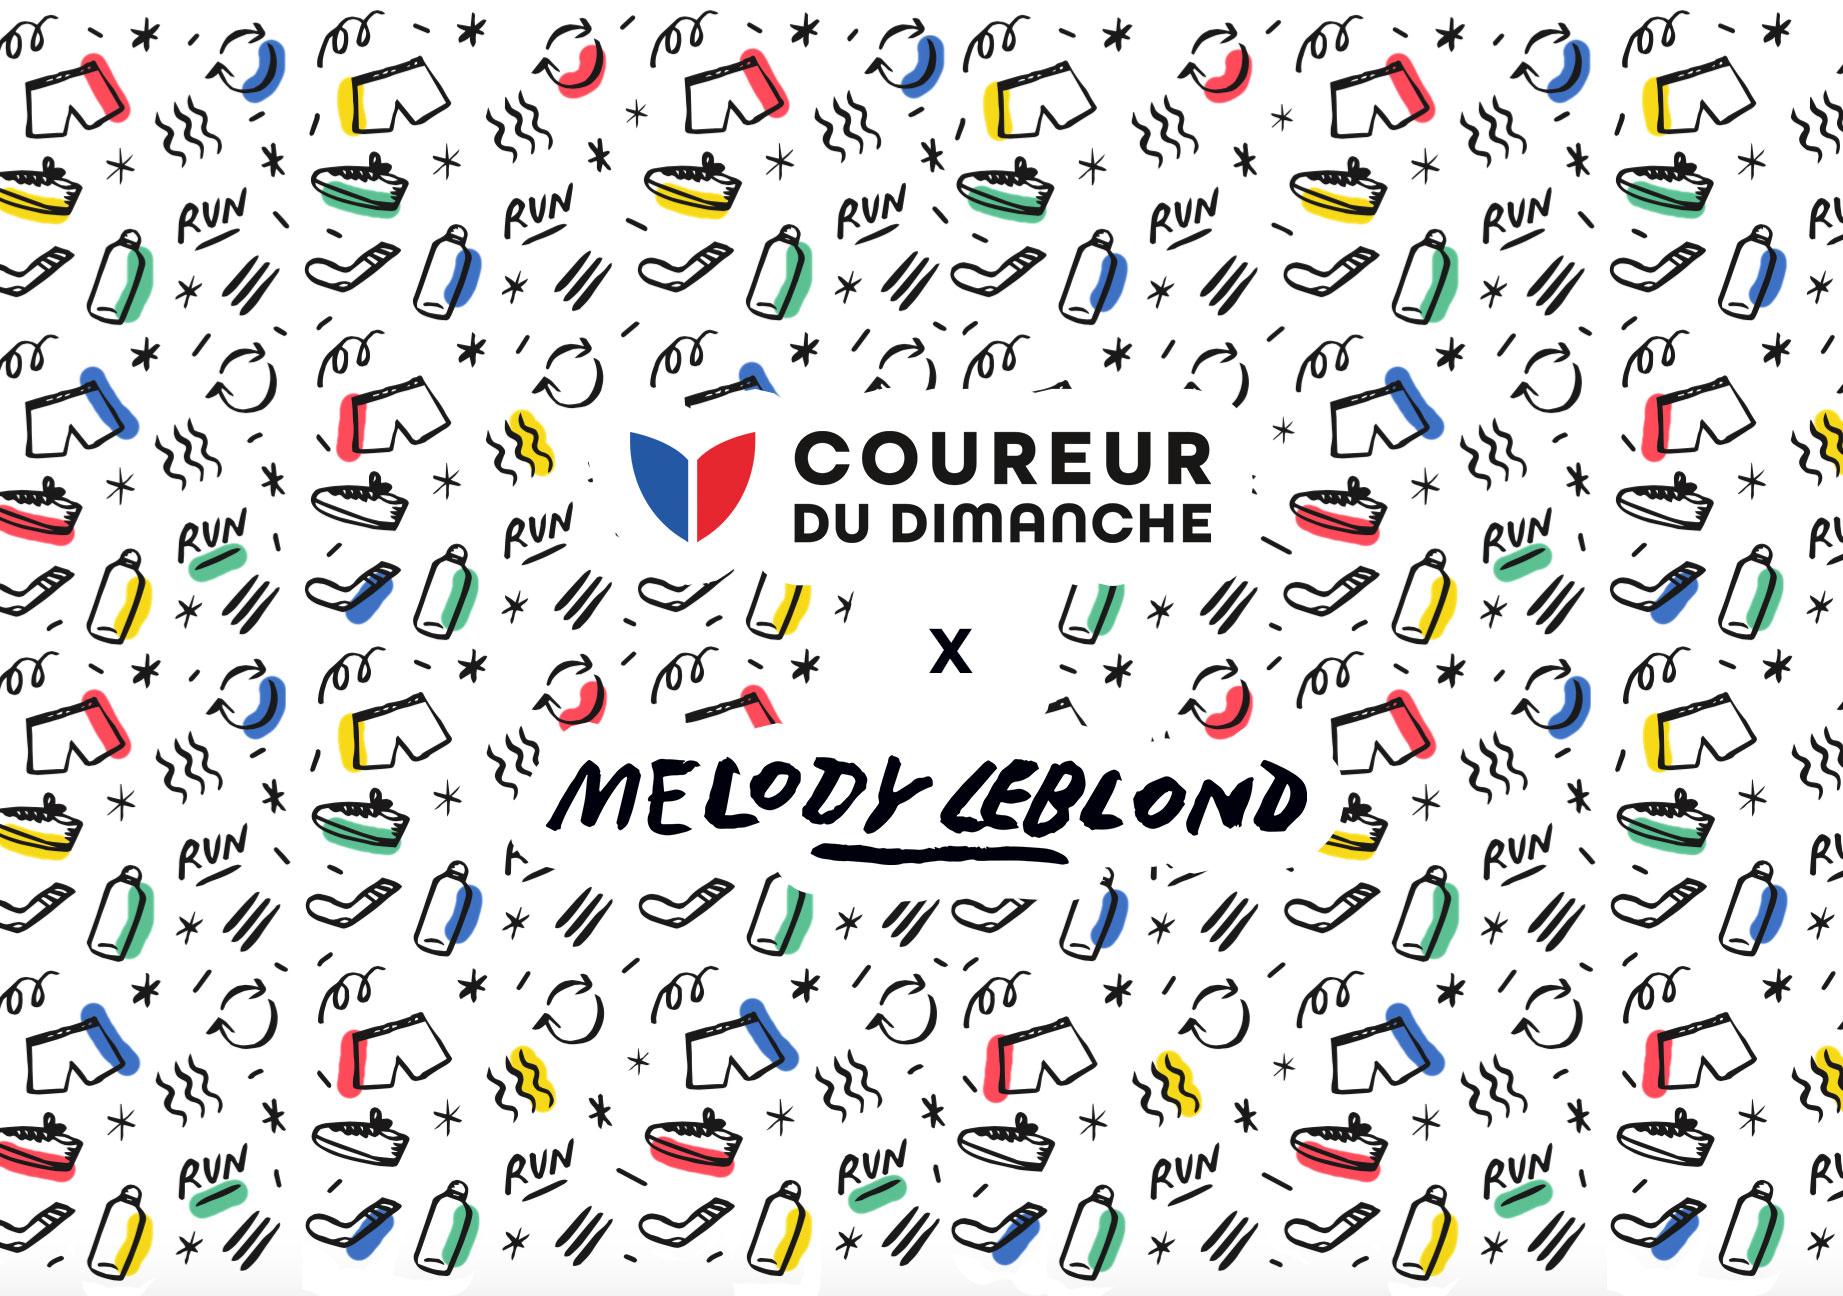 Coureur Du Dimanche-Melody-Leblond